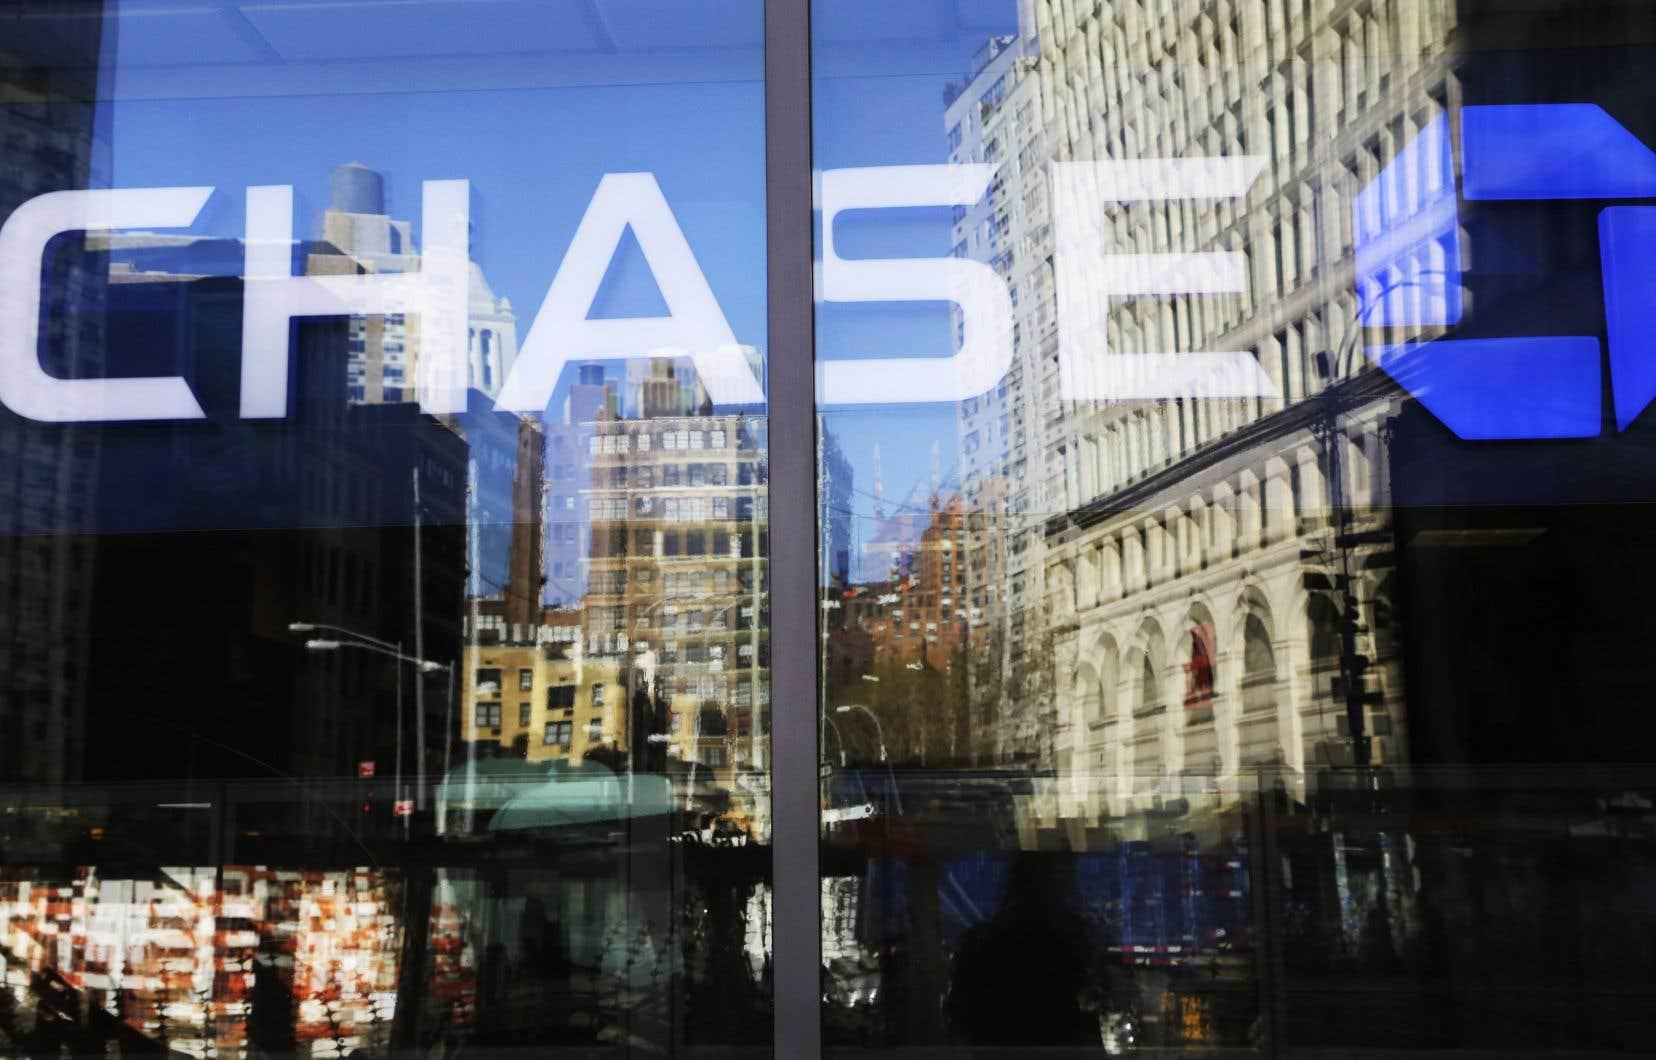 Principalement à cause des fonds réservés pour les créances douteuses, le bénéfice de JPMorgan Chase a diminué de moitié au cours du trimestre d'avril à juin.